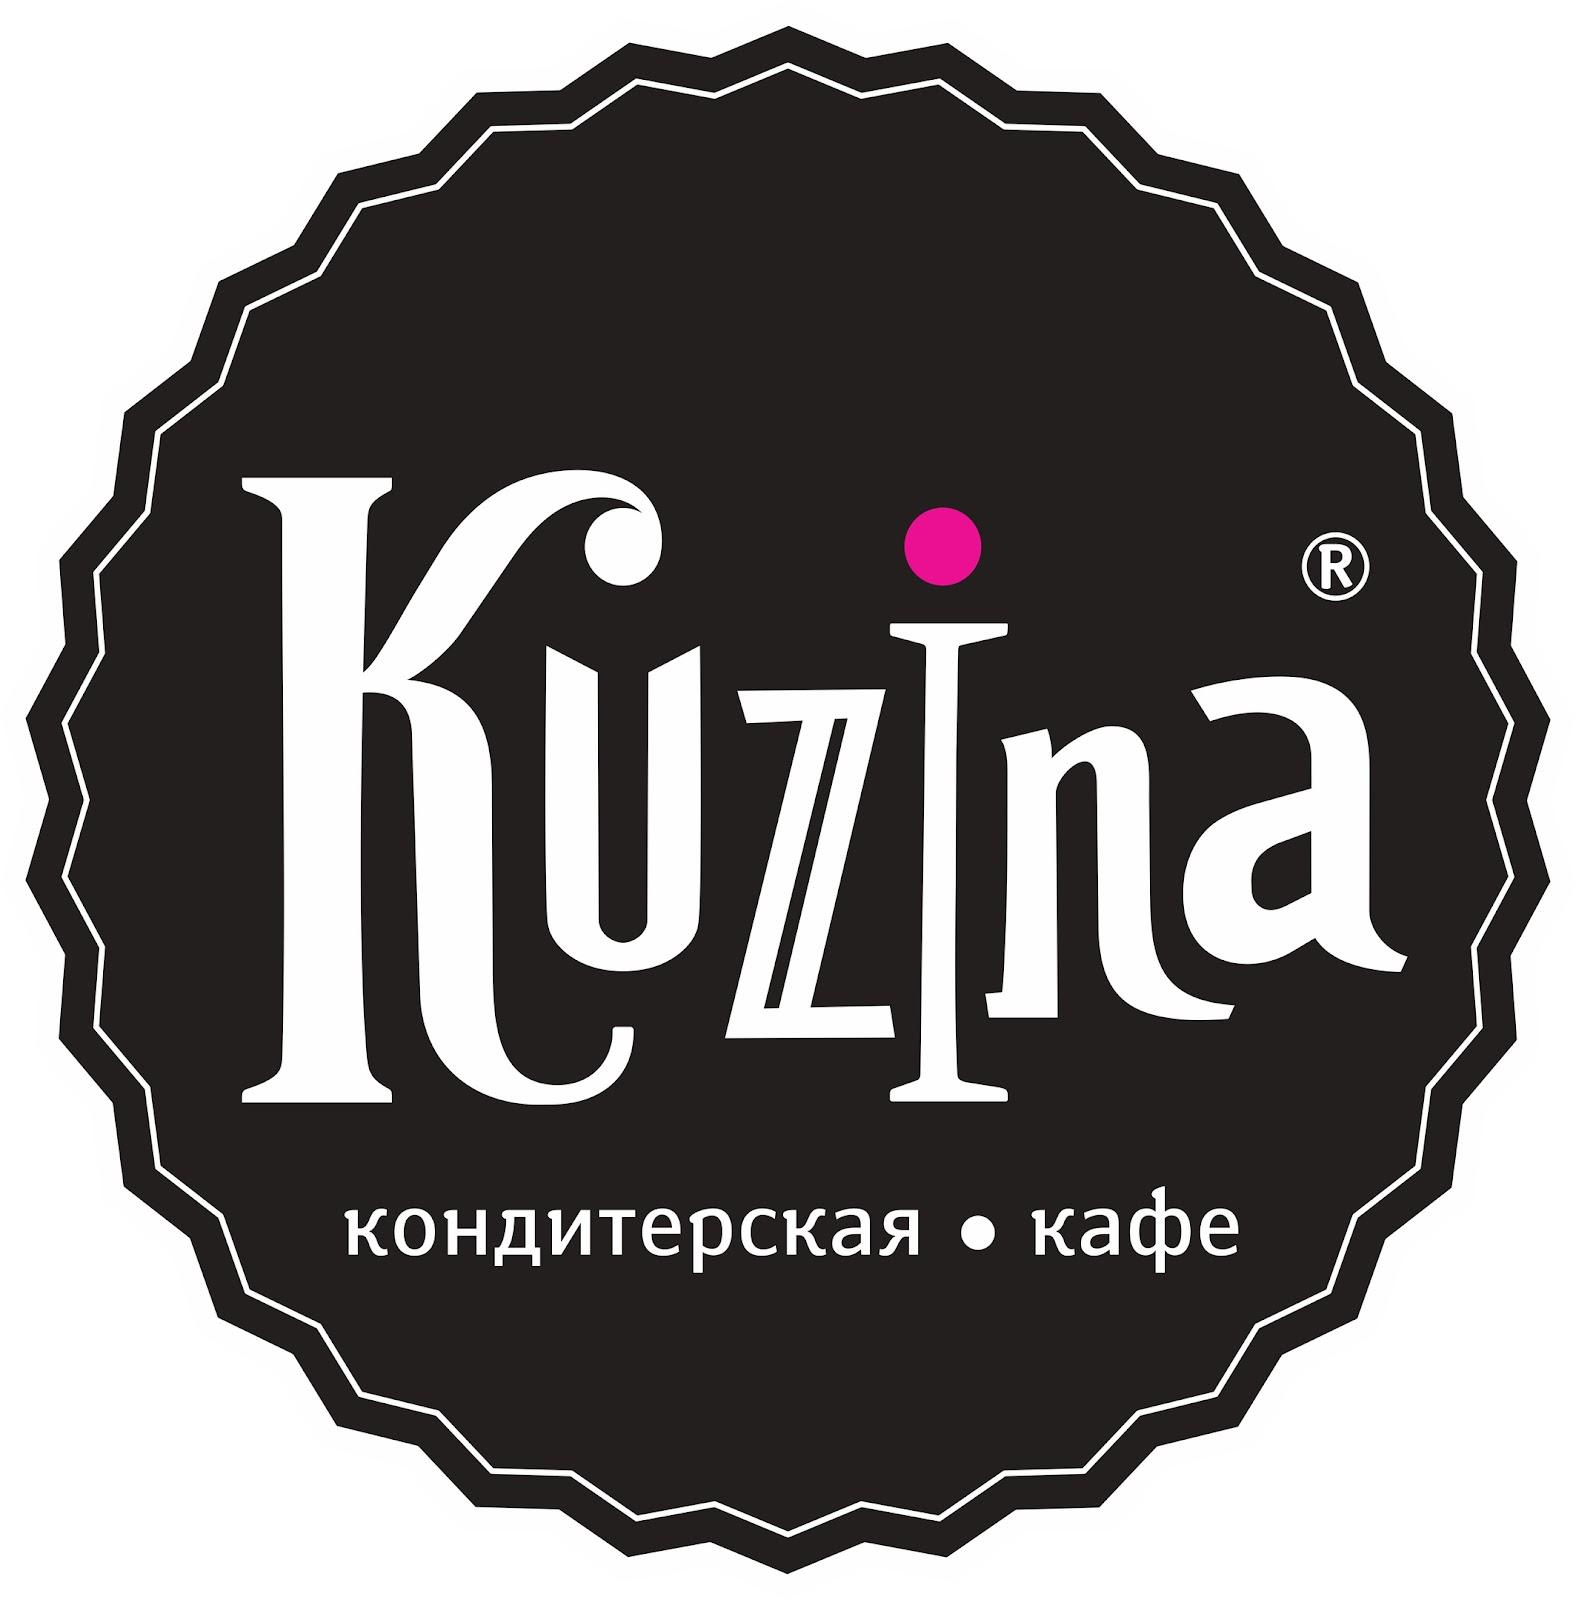 Сеть кондитерских Kuzina